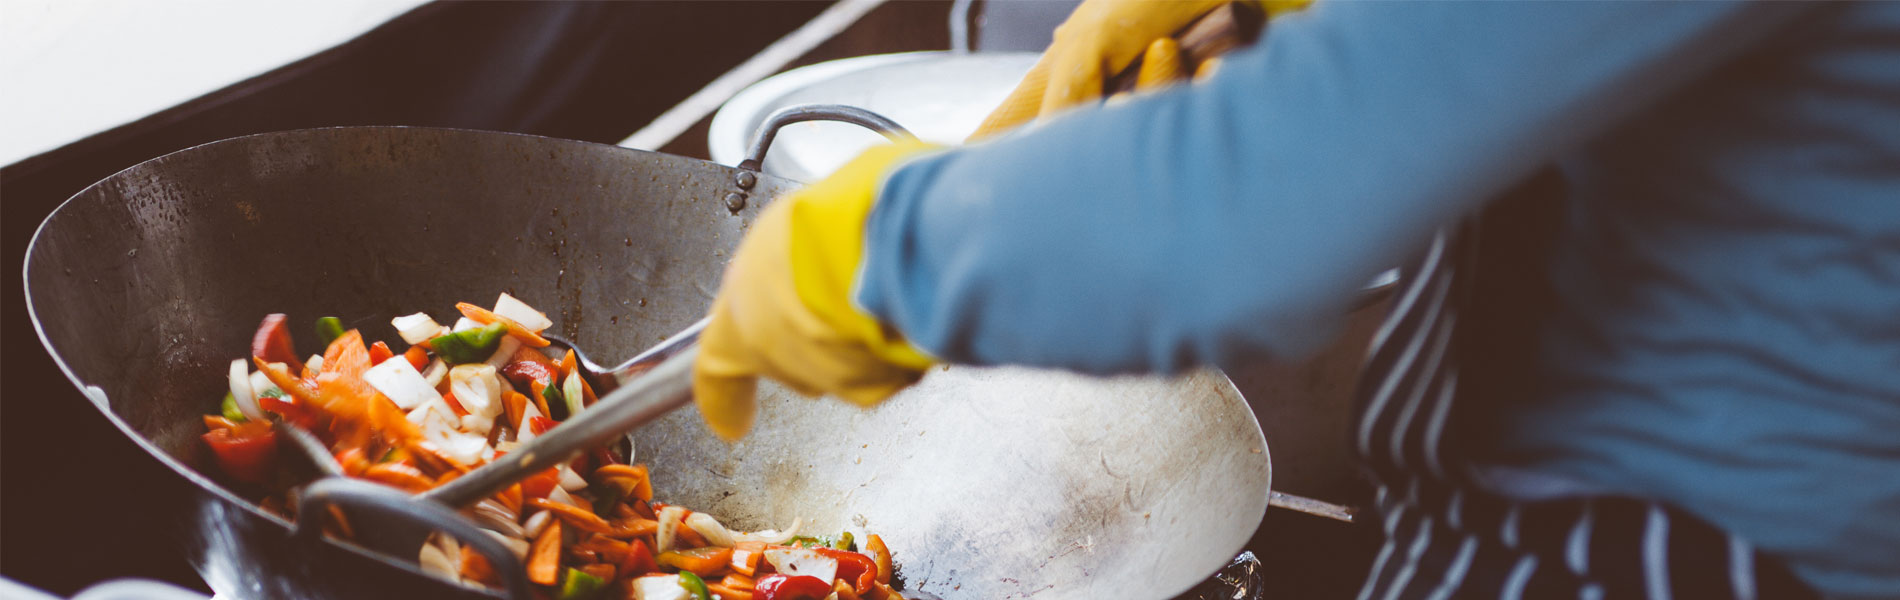 Zanimanje – Kuhar